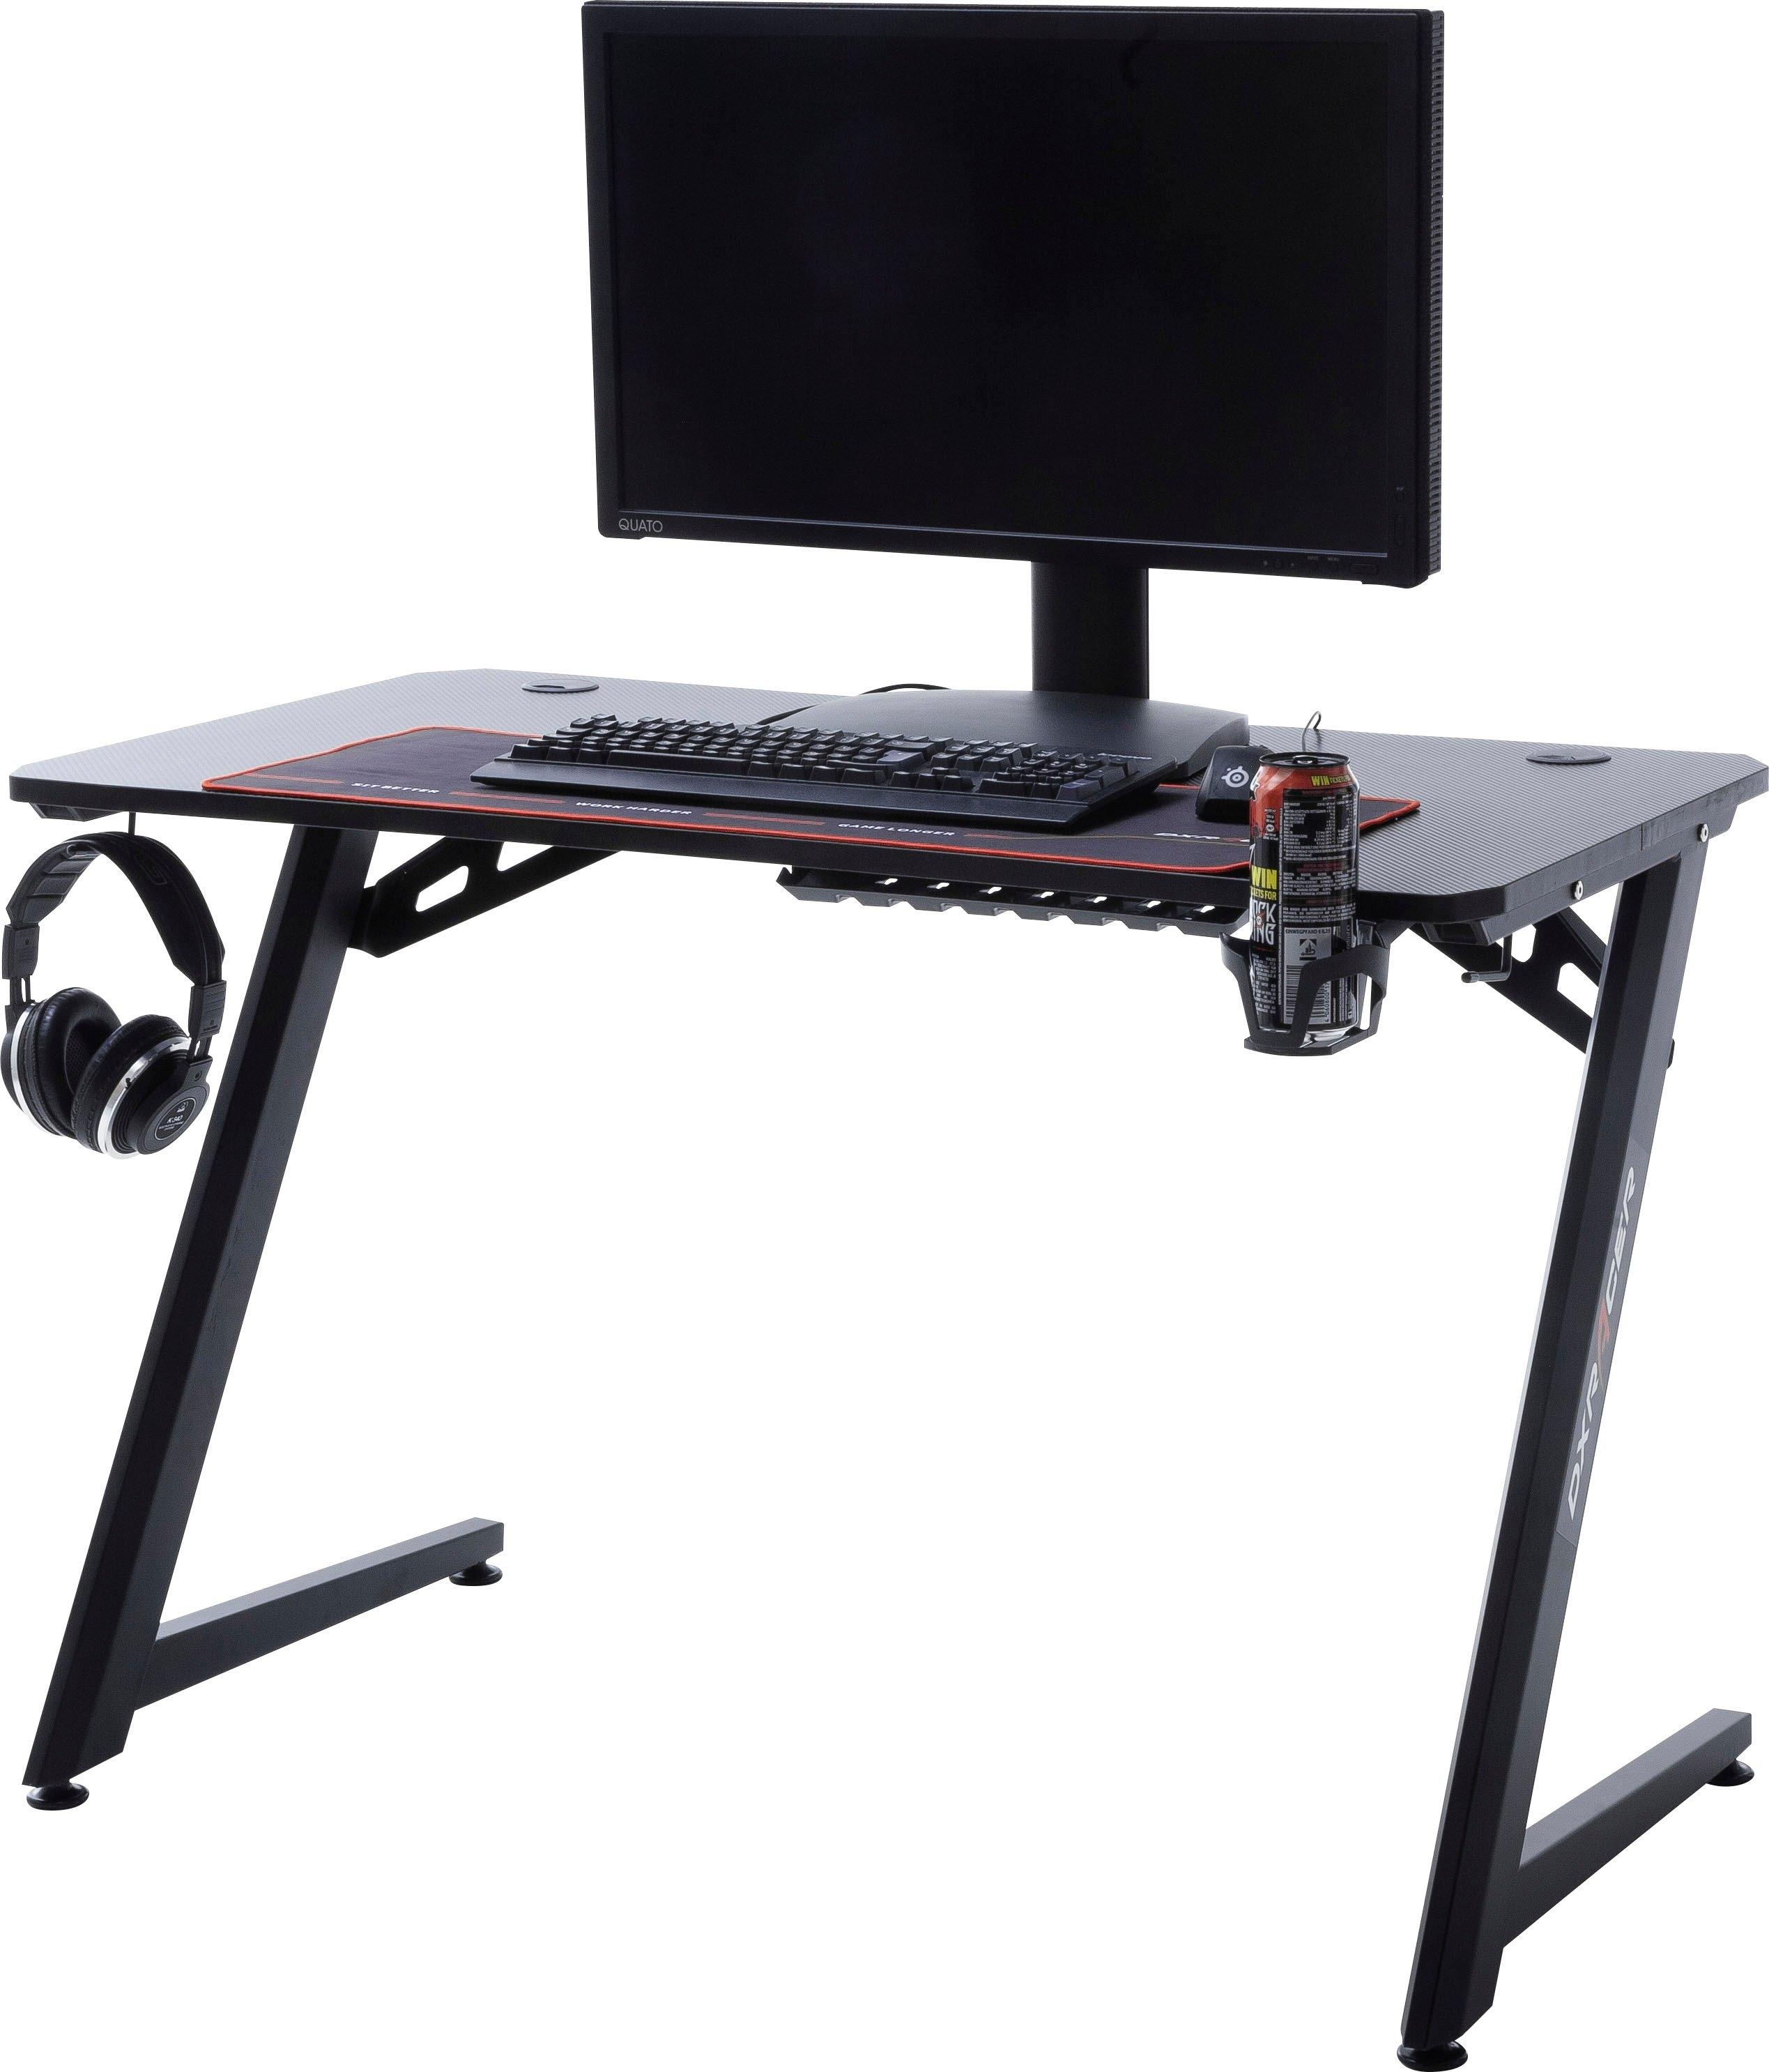 MCA furniture Gamingtafel Gaming tafel goedkoop op otto.nl kopen